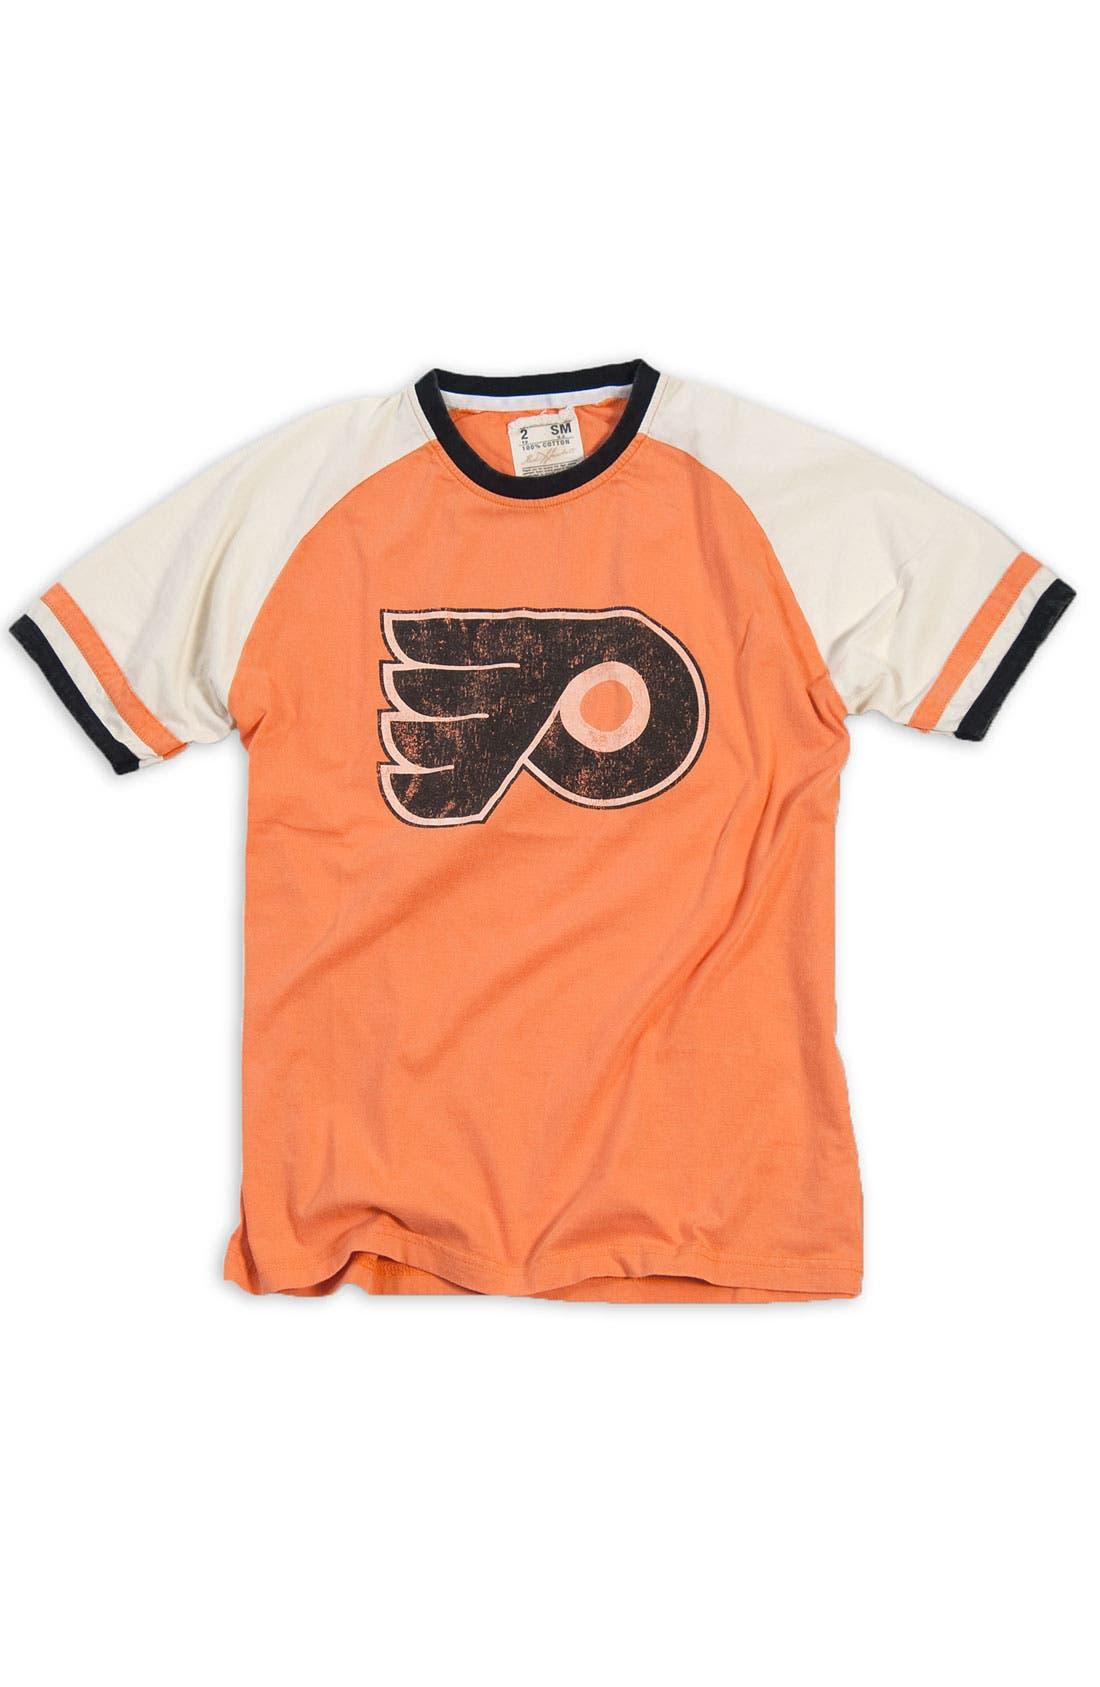 Alternate Image 1 Selected - Red Jacket 'Philadelphia Flyers' Trim Fit Crewneck Ringer T-Shirt (Men)